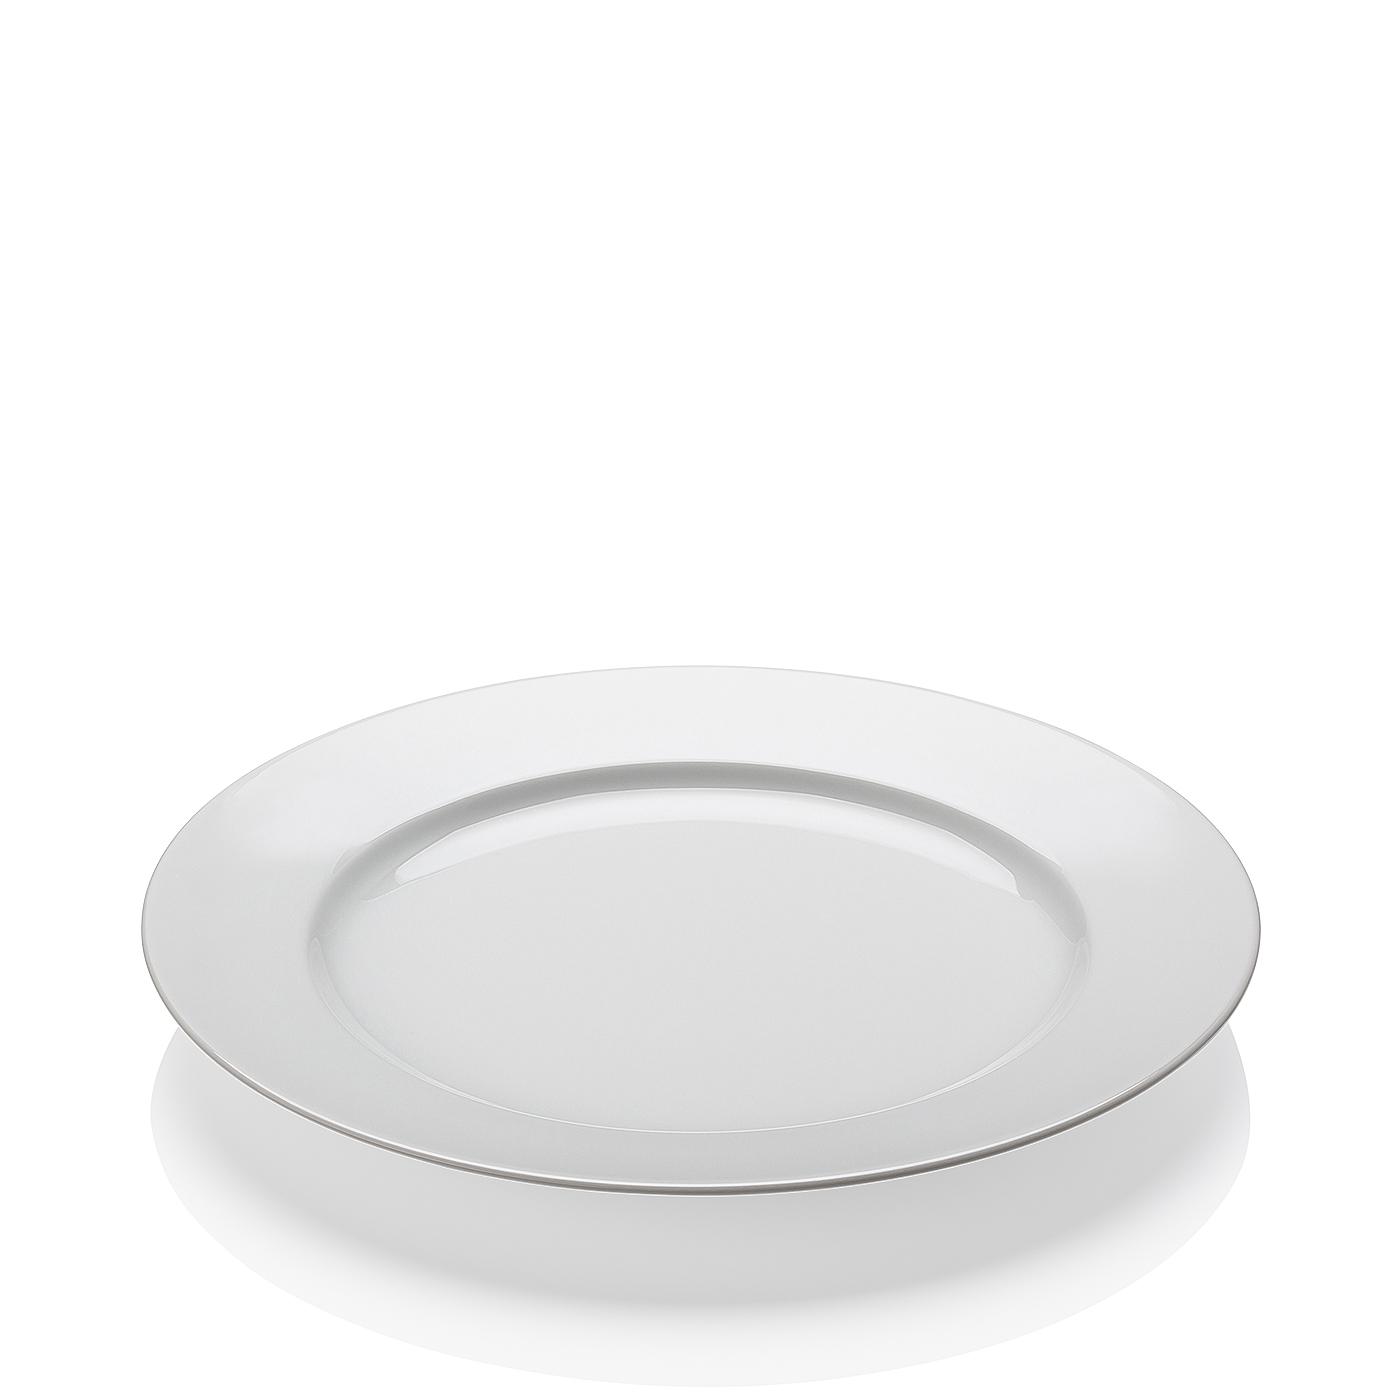 Platzteller 30 Fahne Cucina-Basic ROK weiss Arzberg